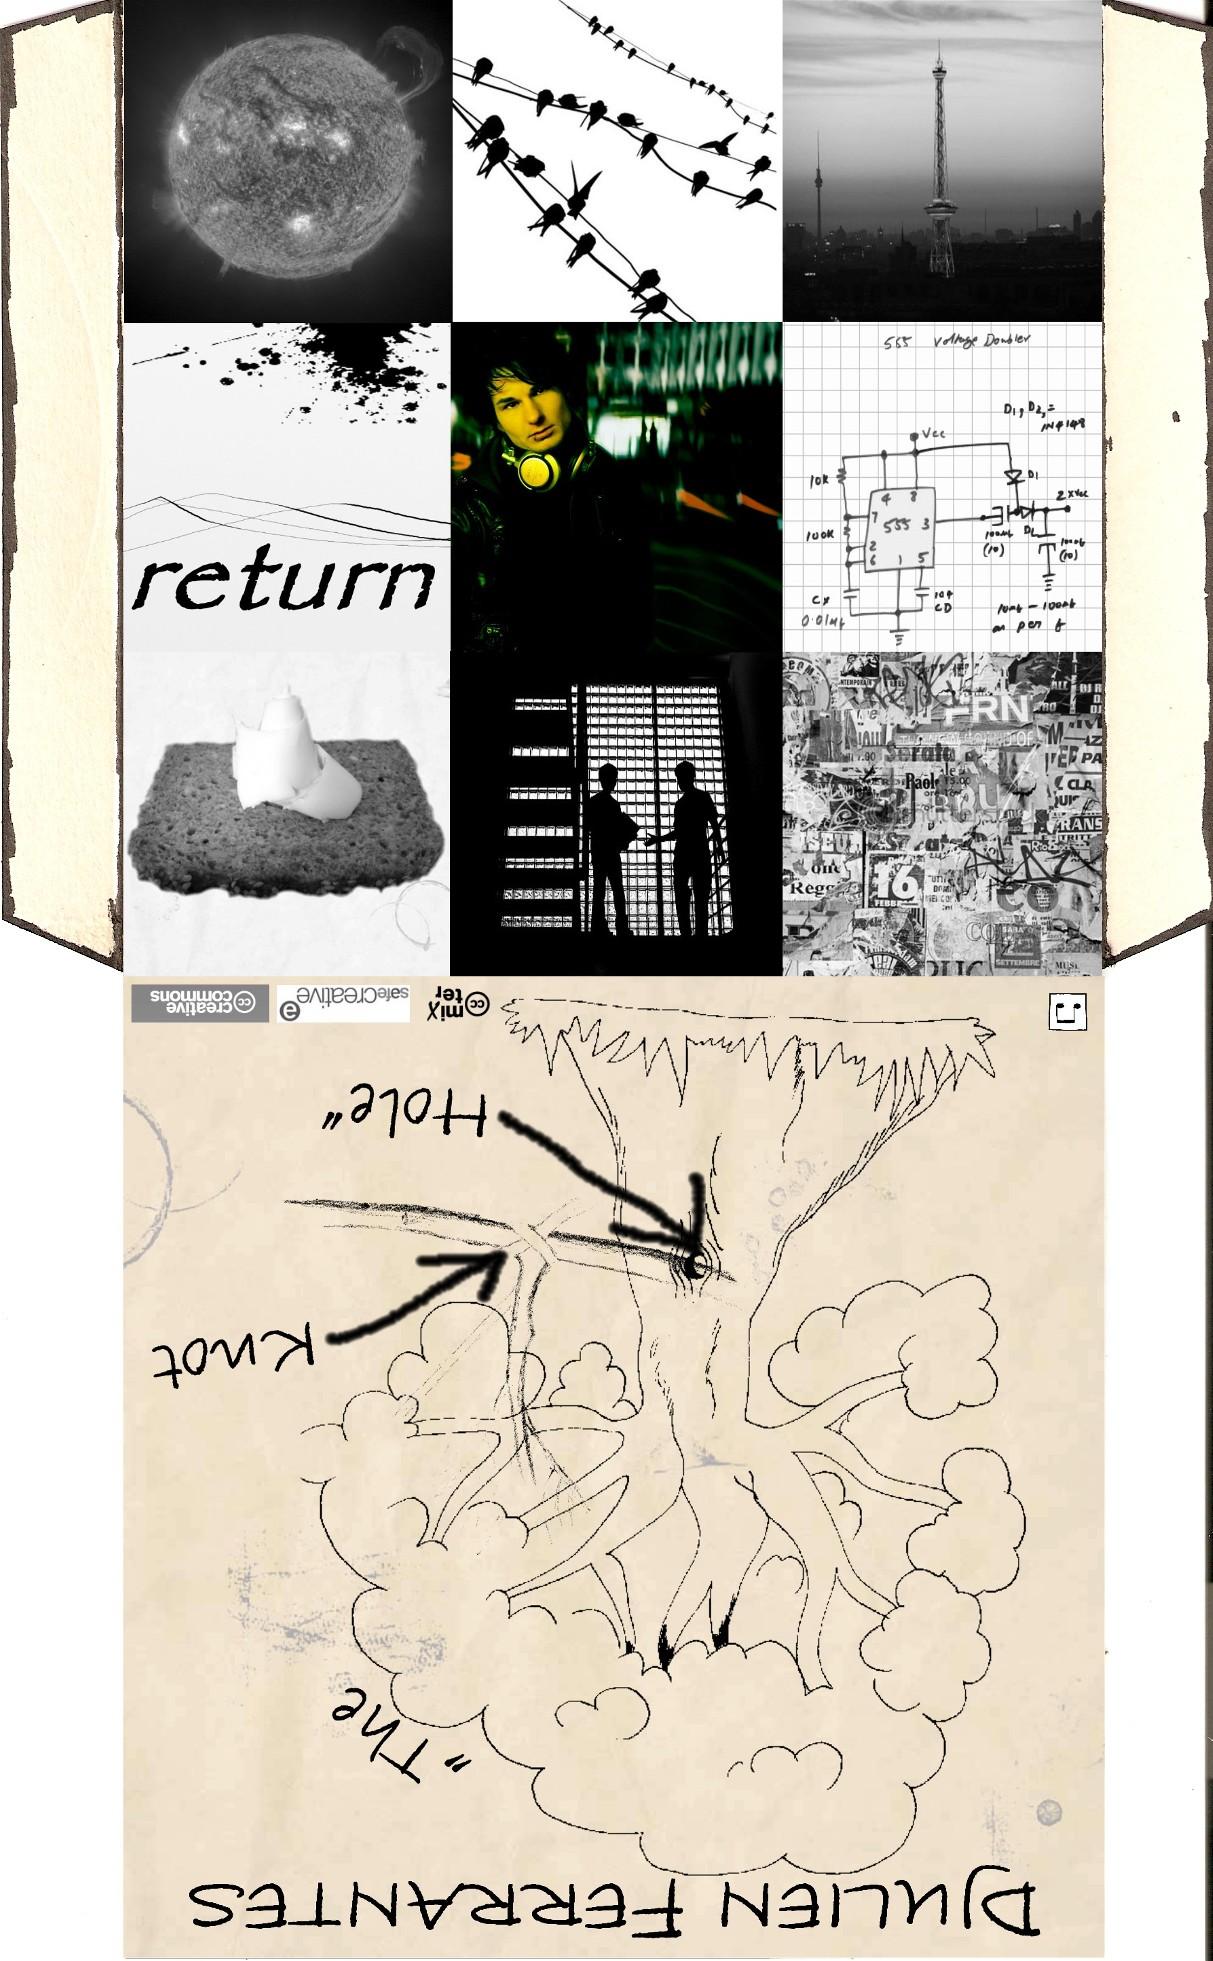 mnblck033 - Djulien Ferrantes - The Knothole (2010)